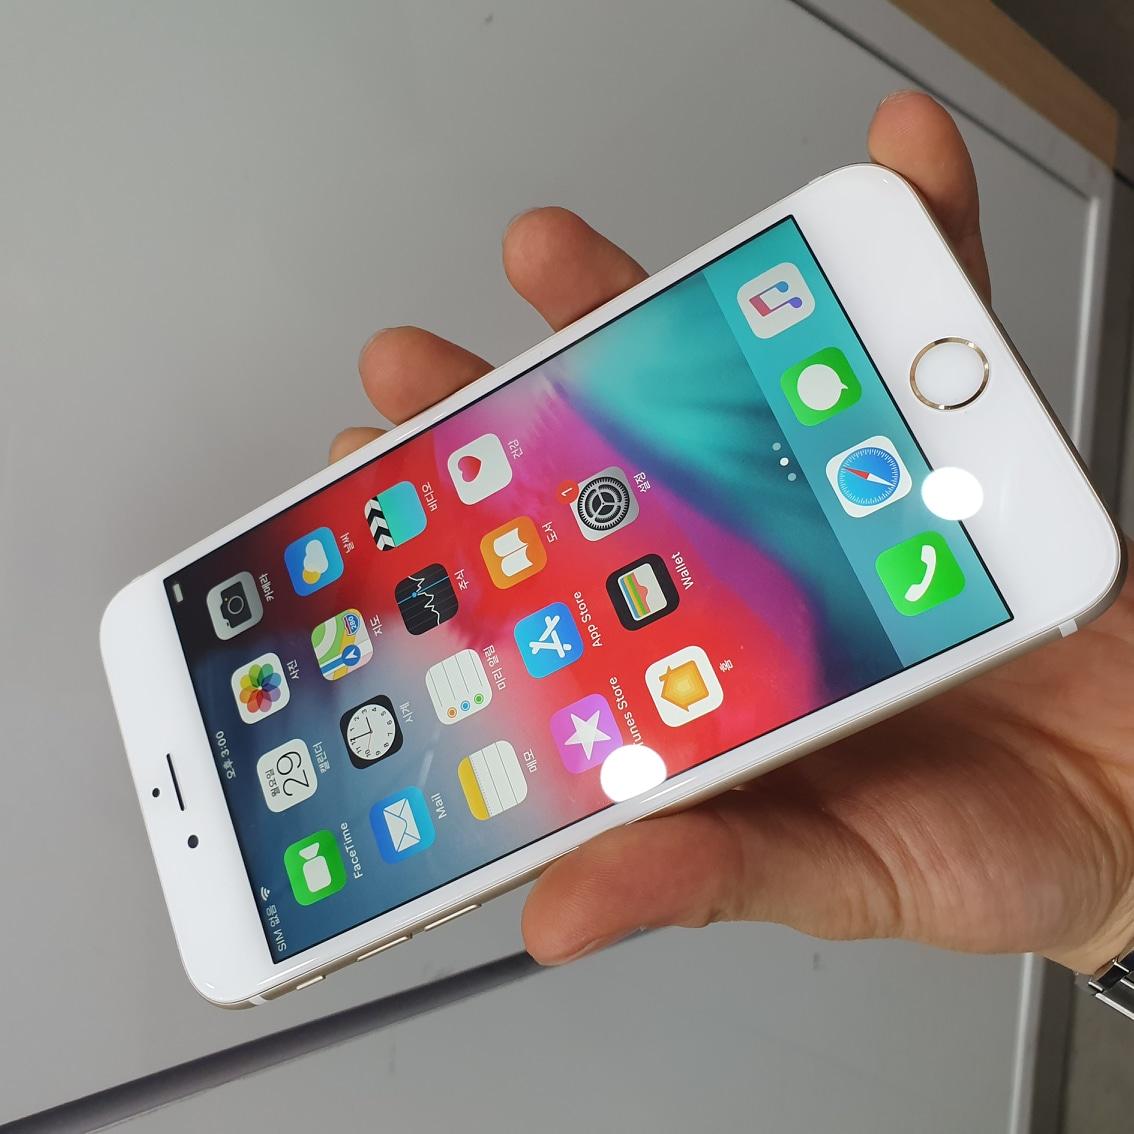 아이폰6s플러스 16G 골드판매합니다.